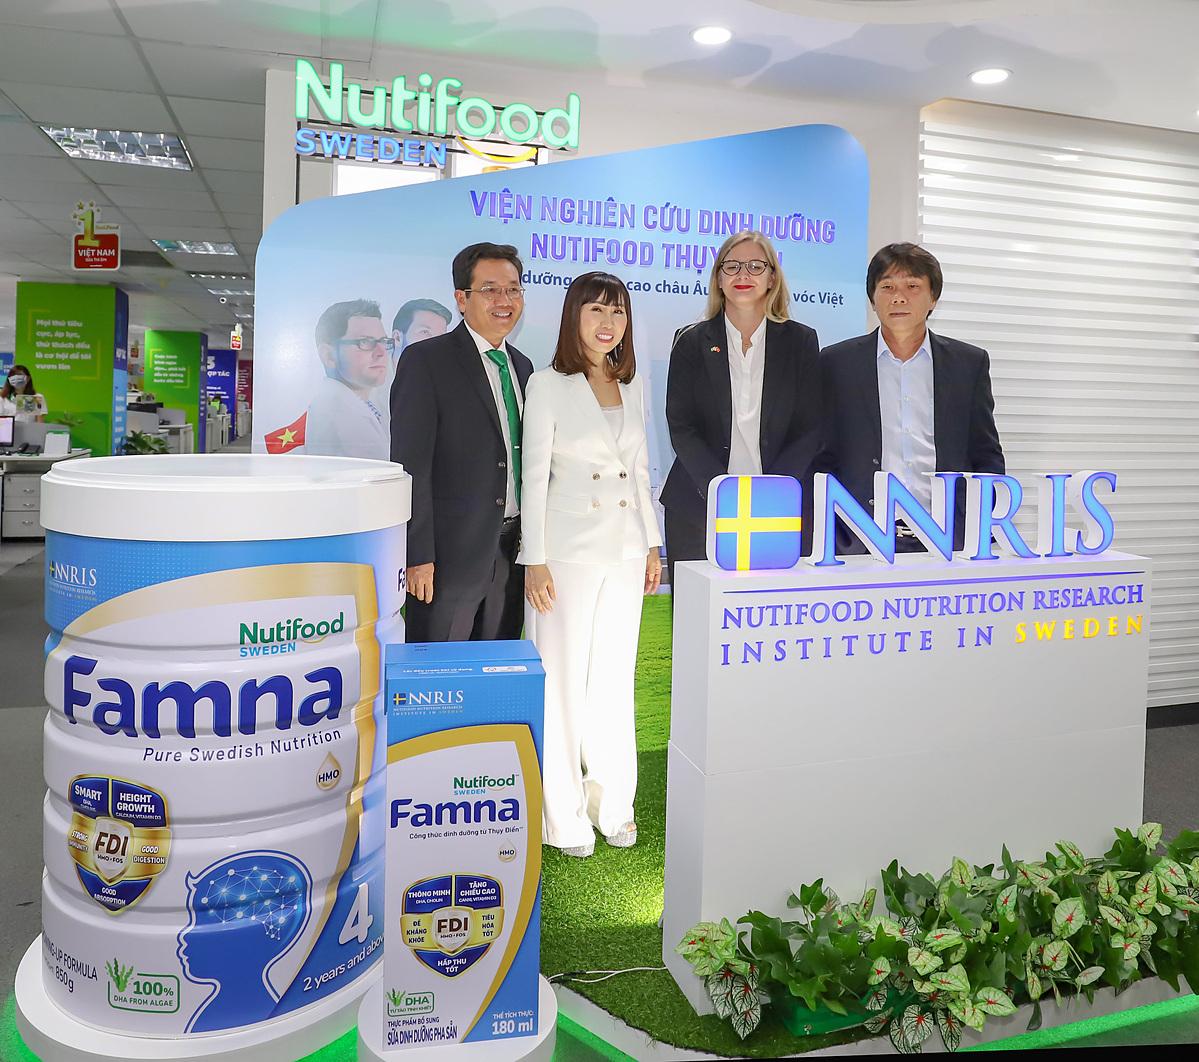 Đại sứ Thụy Điển Ann Måwe chia sẻ niềm vui với Nutifood khi ra mắt Viện Nghiên cứu Dinh dưỡng Nutifood Thuỵ Điển – NNRIS